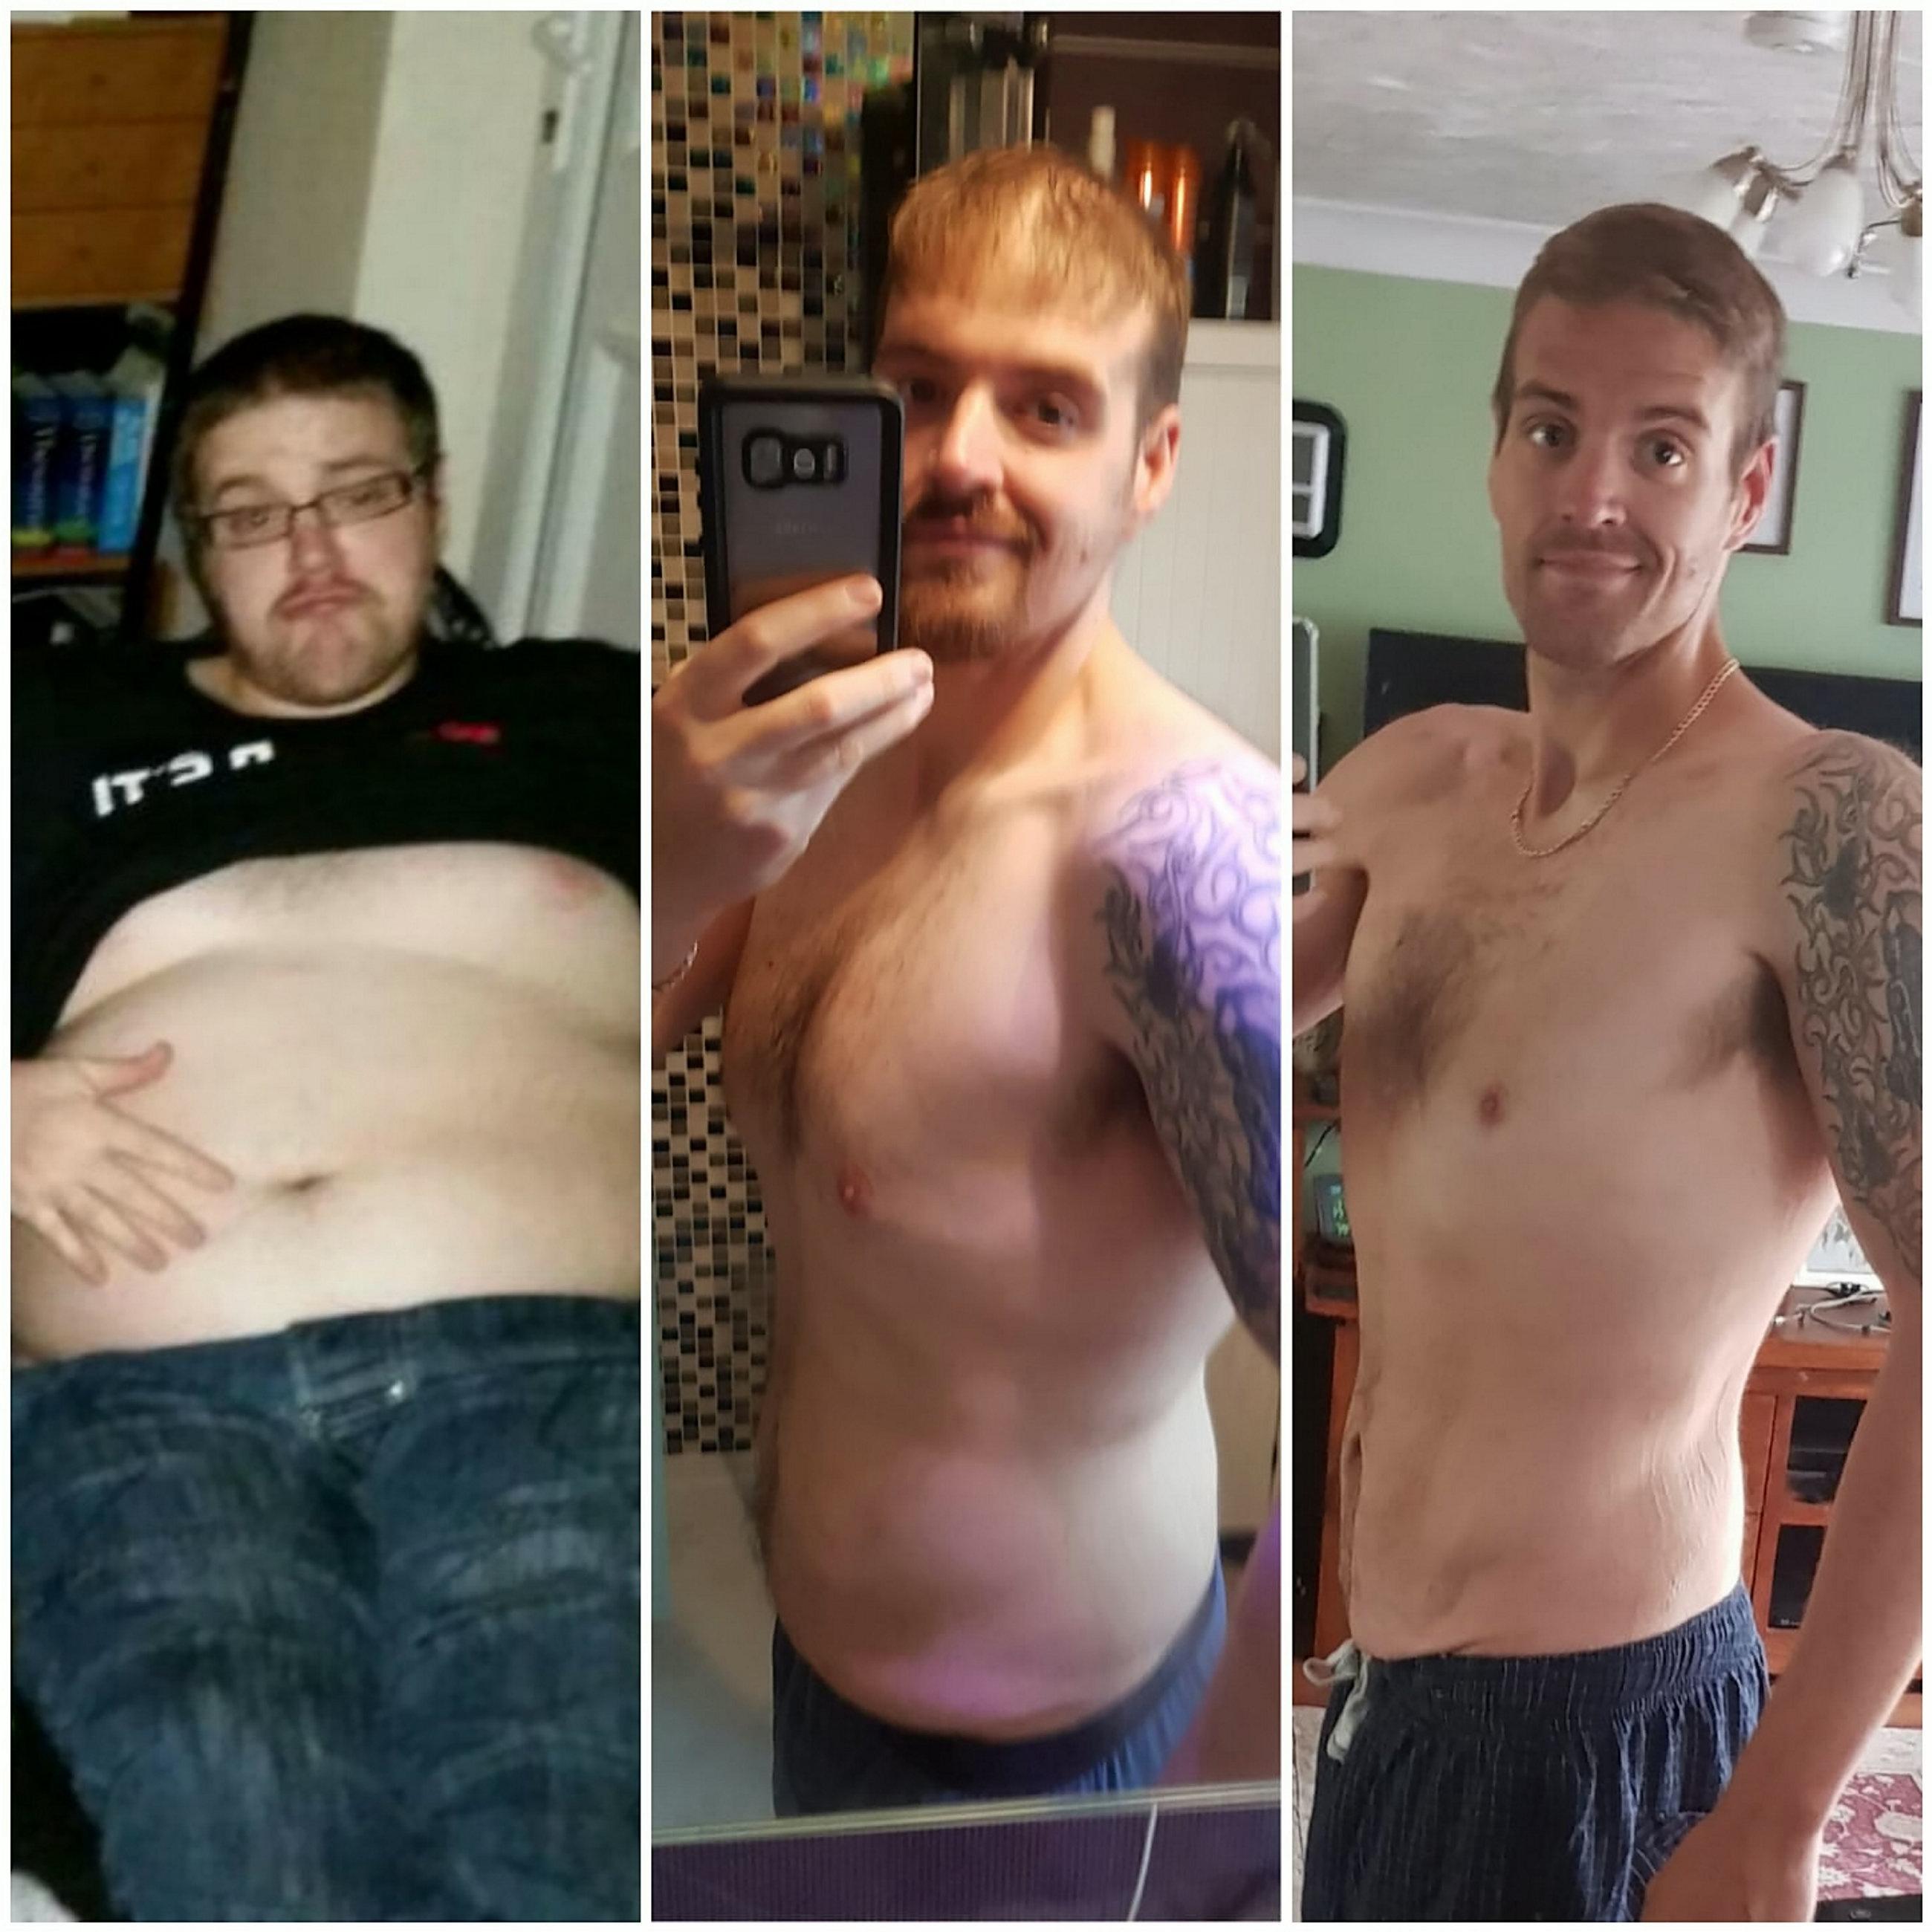 32 éves férfi fogyás kereskedő csatlakozik a fogyás